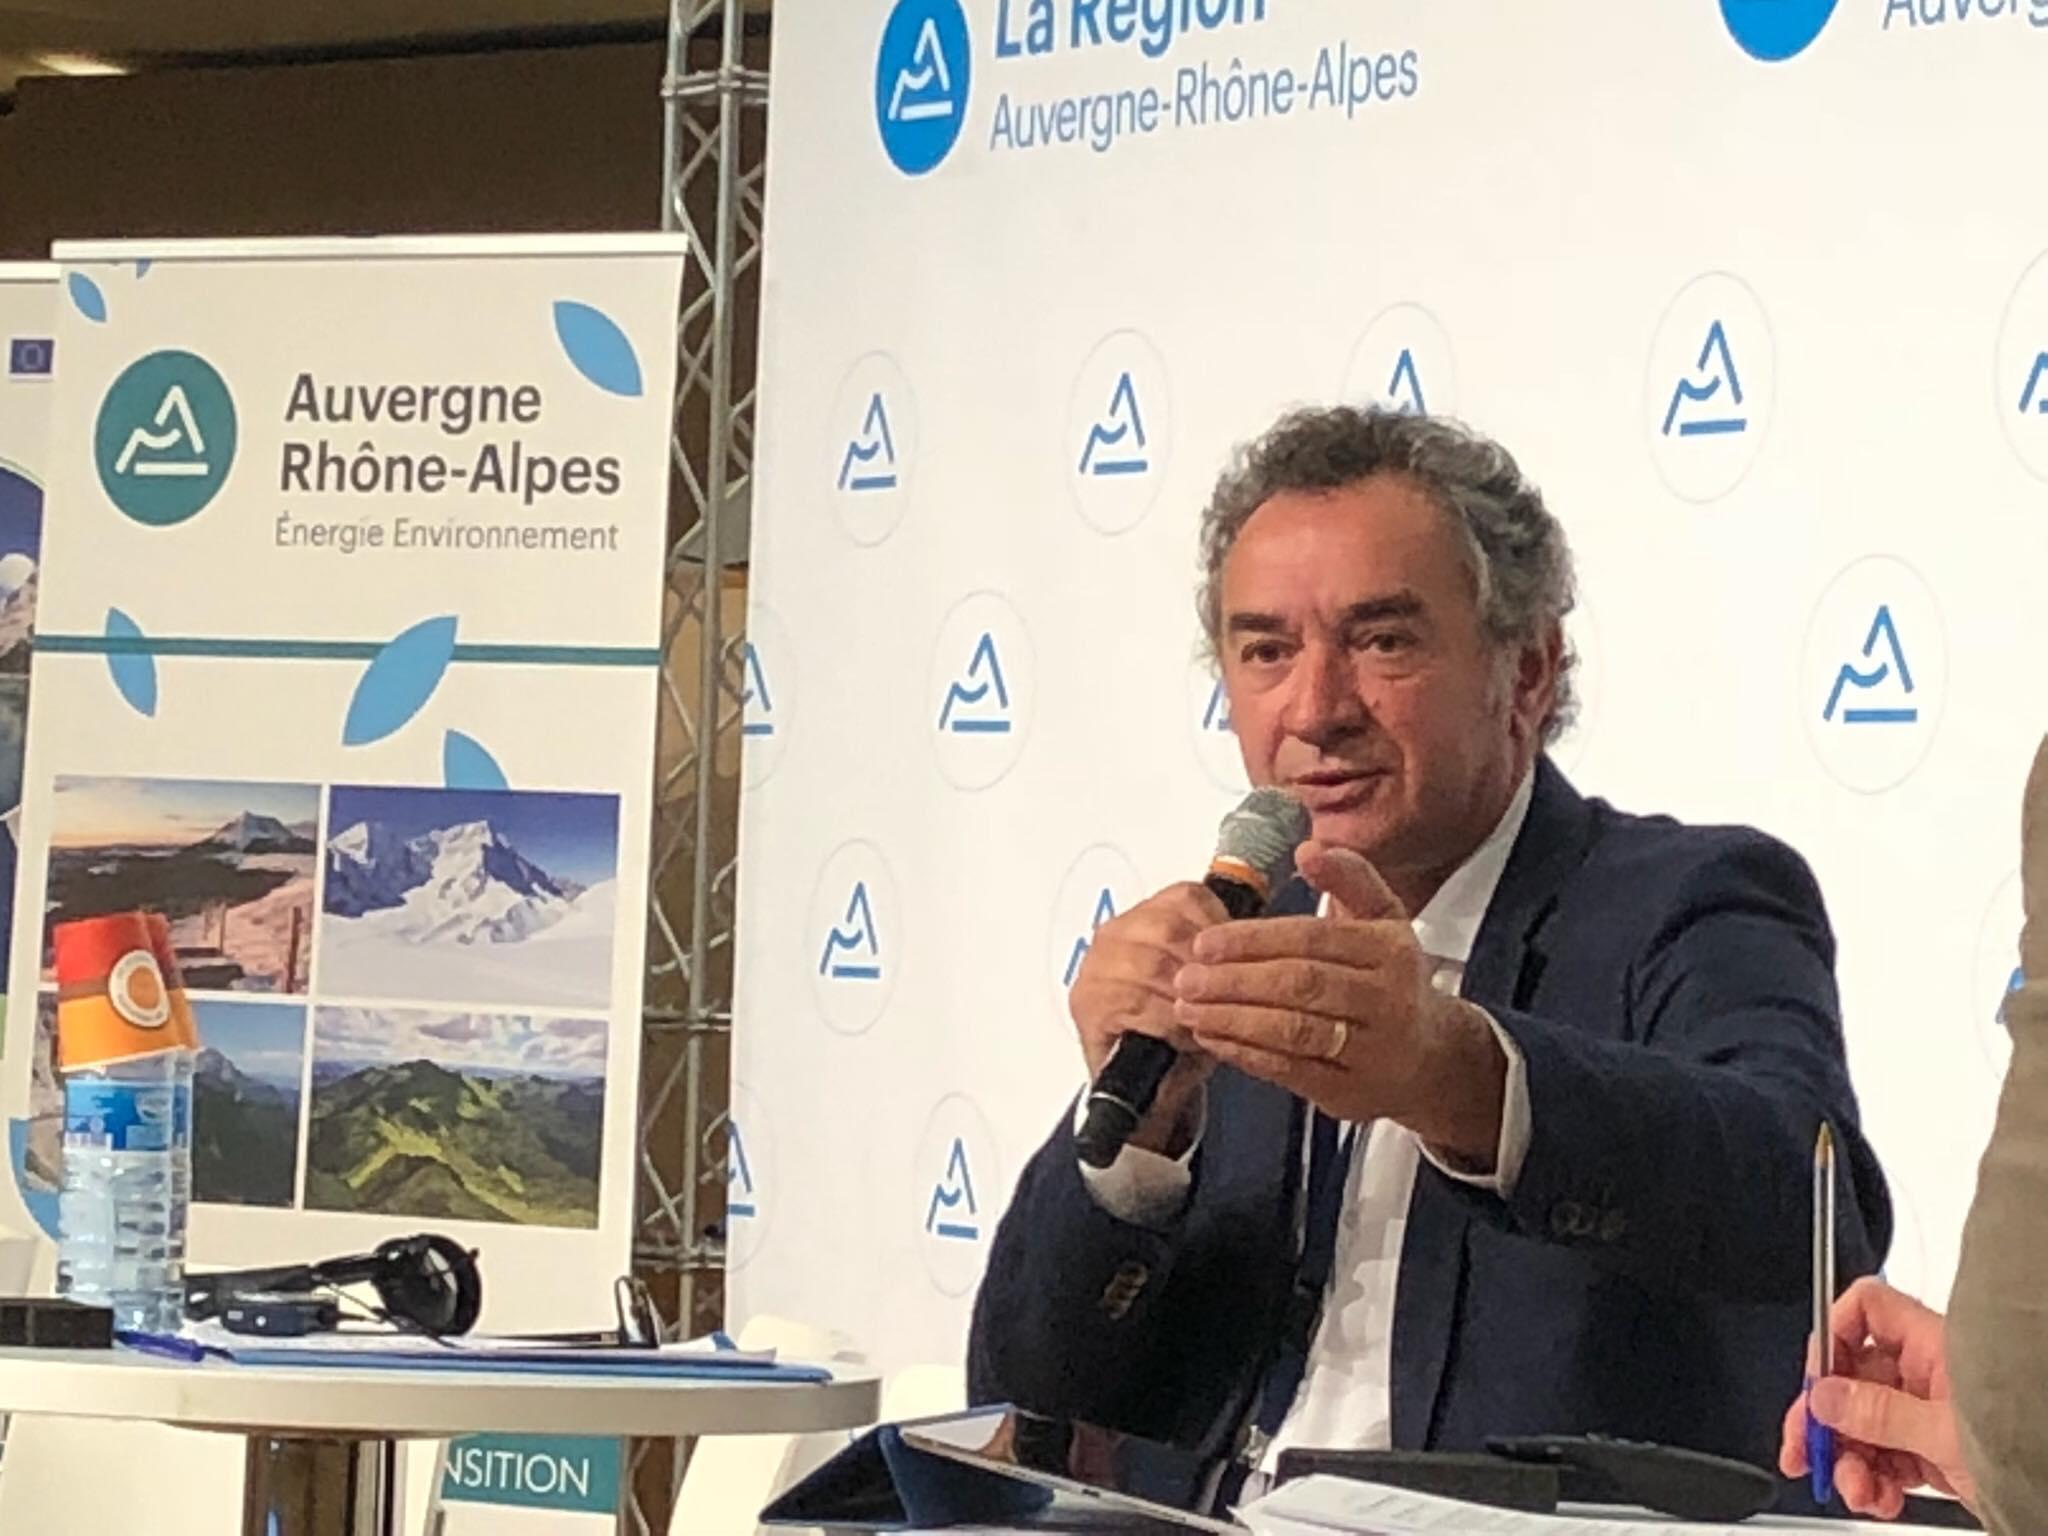 Rencontres Lyon 40 ans au service de la transition energetique